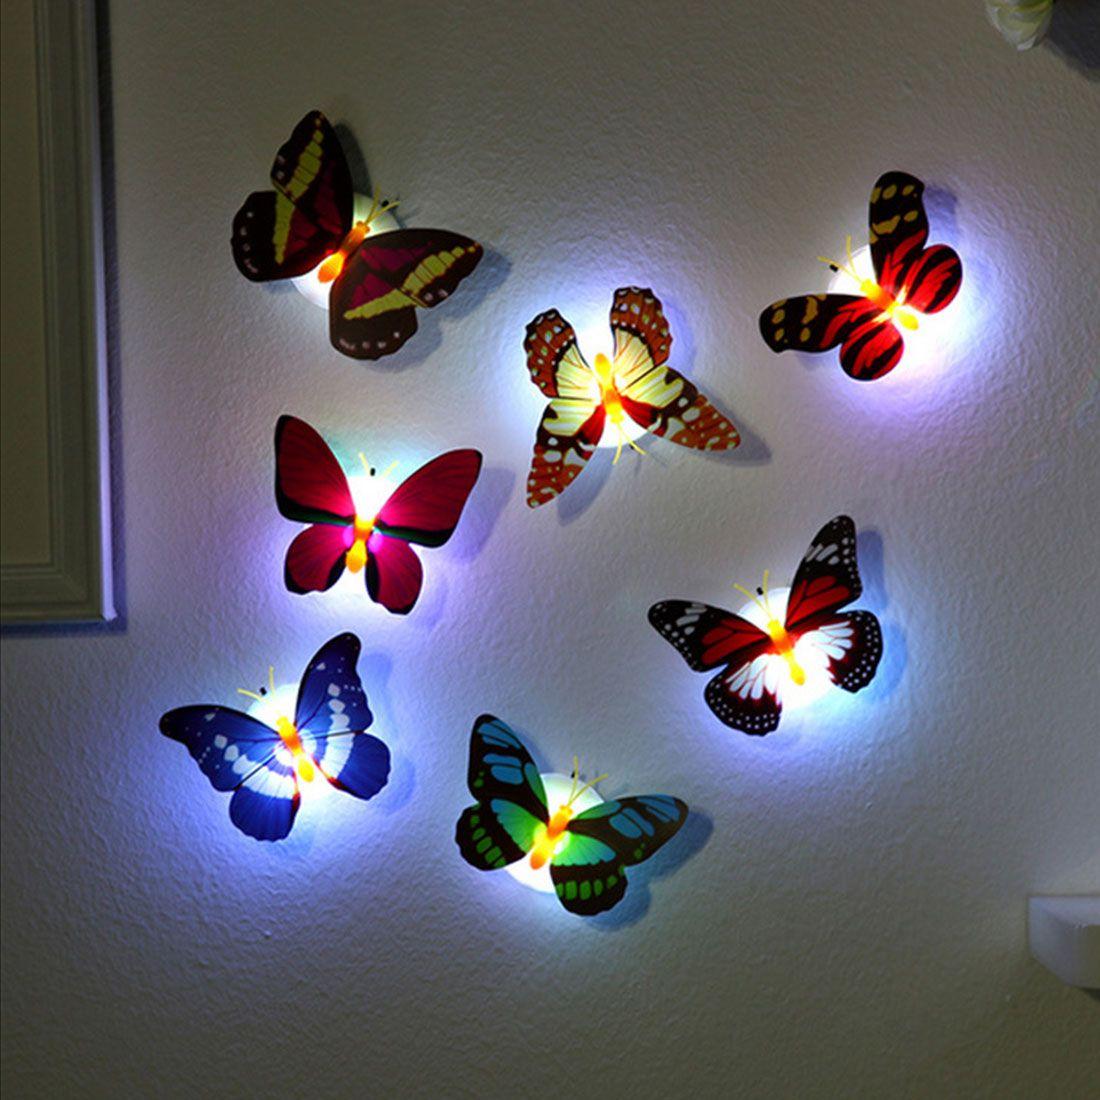 LED Işık Gece Atmosfer Lambası Renkli Değişen Kelebek Ile Kapalı Işık Emme Pad Ile Ev Parti Masası Duvar Dekor